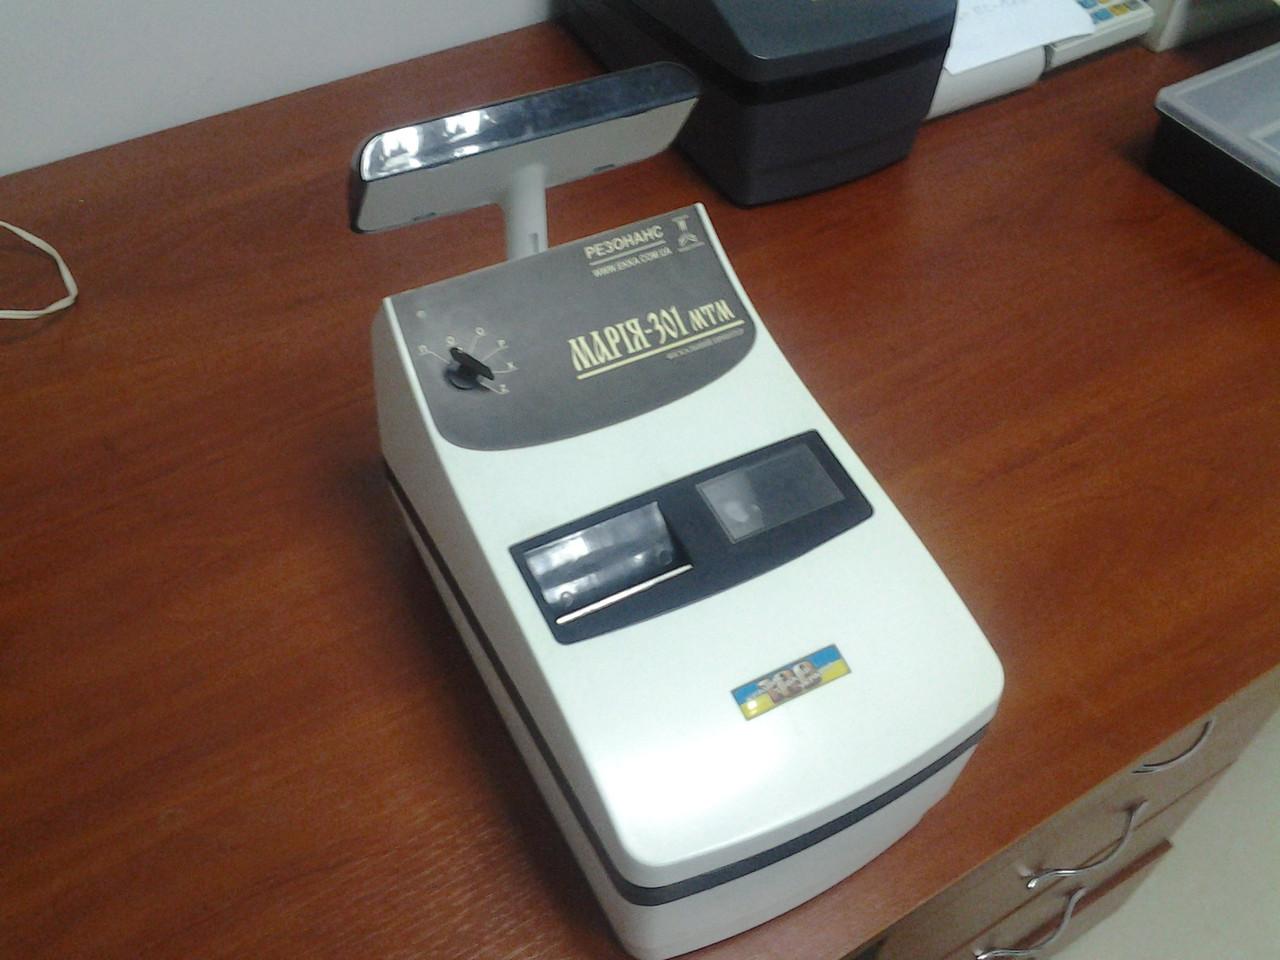 Регистратор МАРІЯ-301МТМ (б/у, нефискальный, без модема, не для регистрации в налоговых органах)